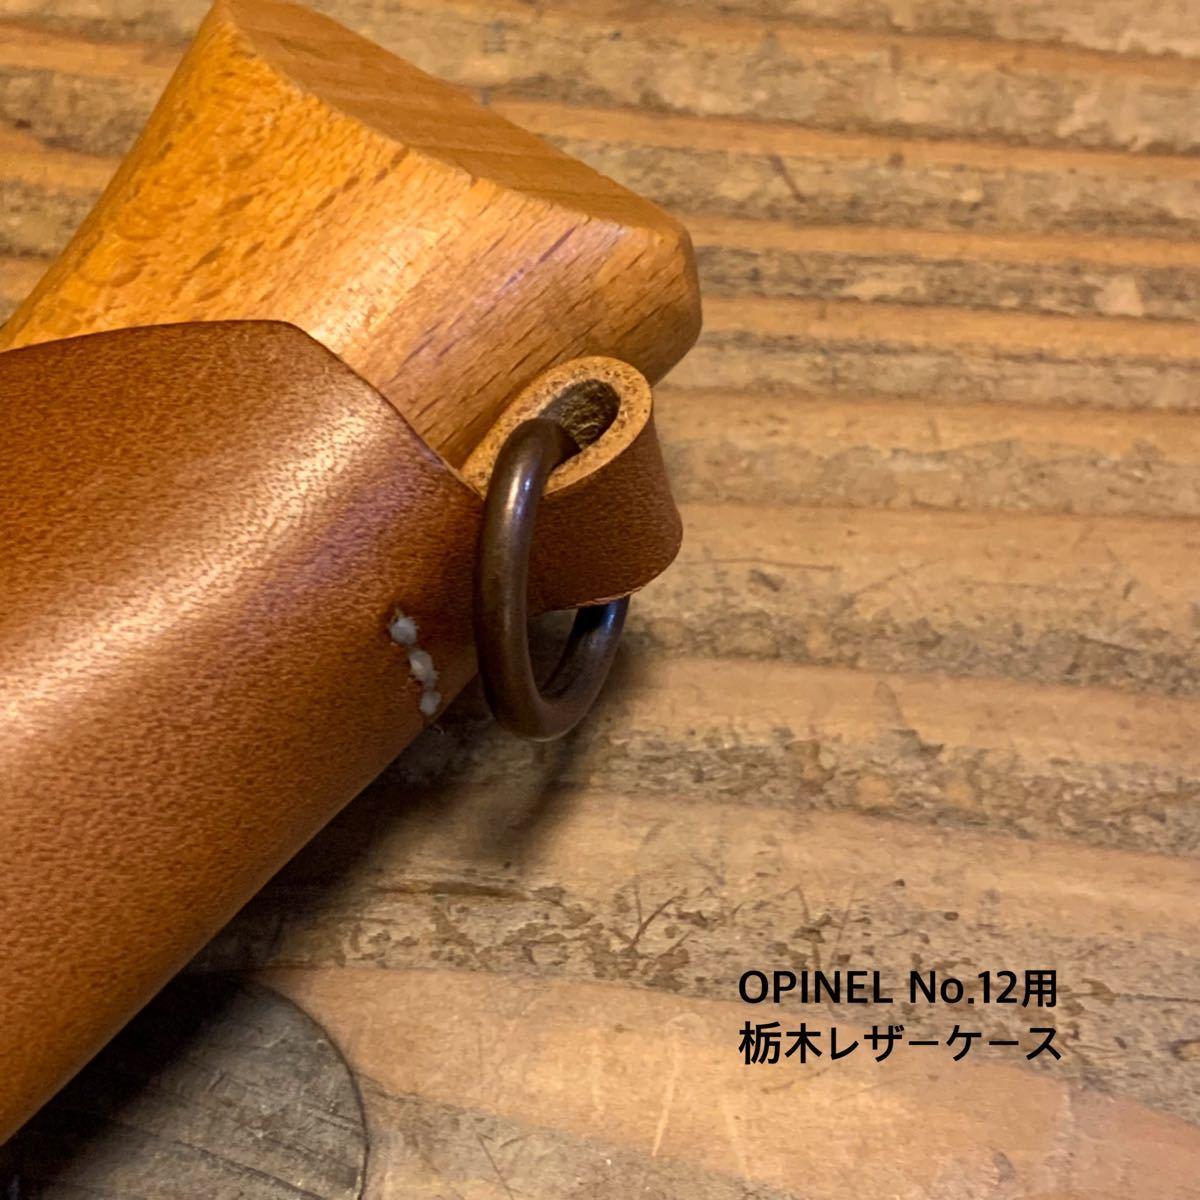 栃木レザー オピネルOPINEL No.12ナイフ用ケース ブラウン色